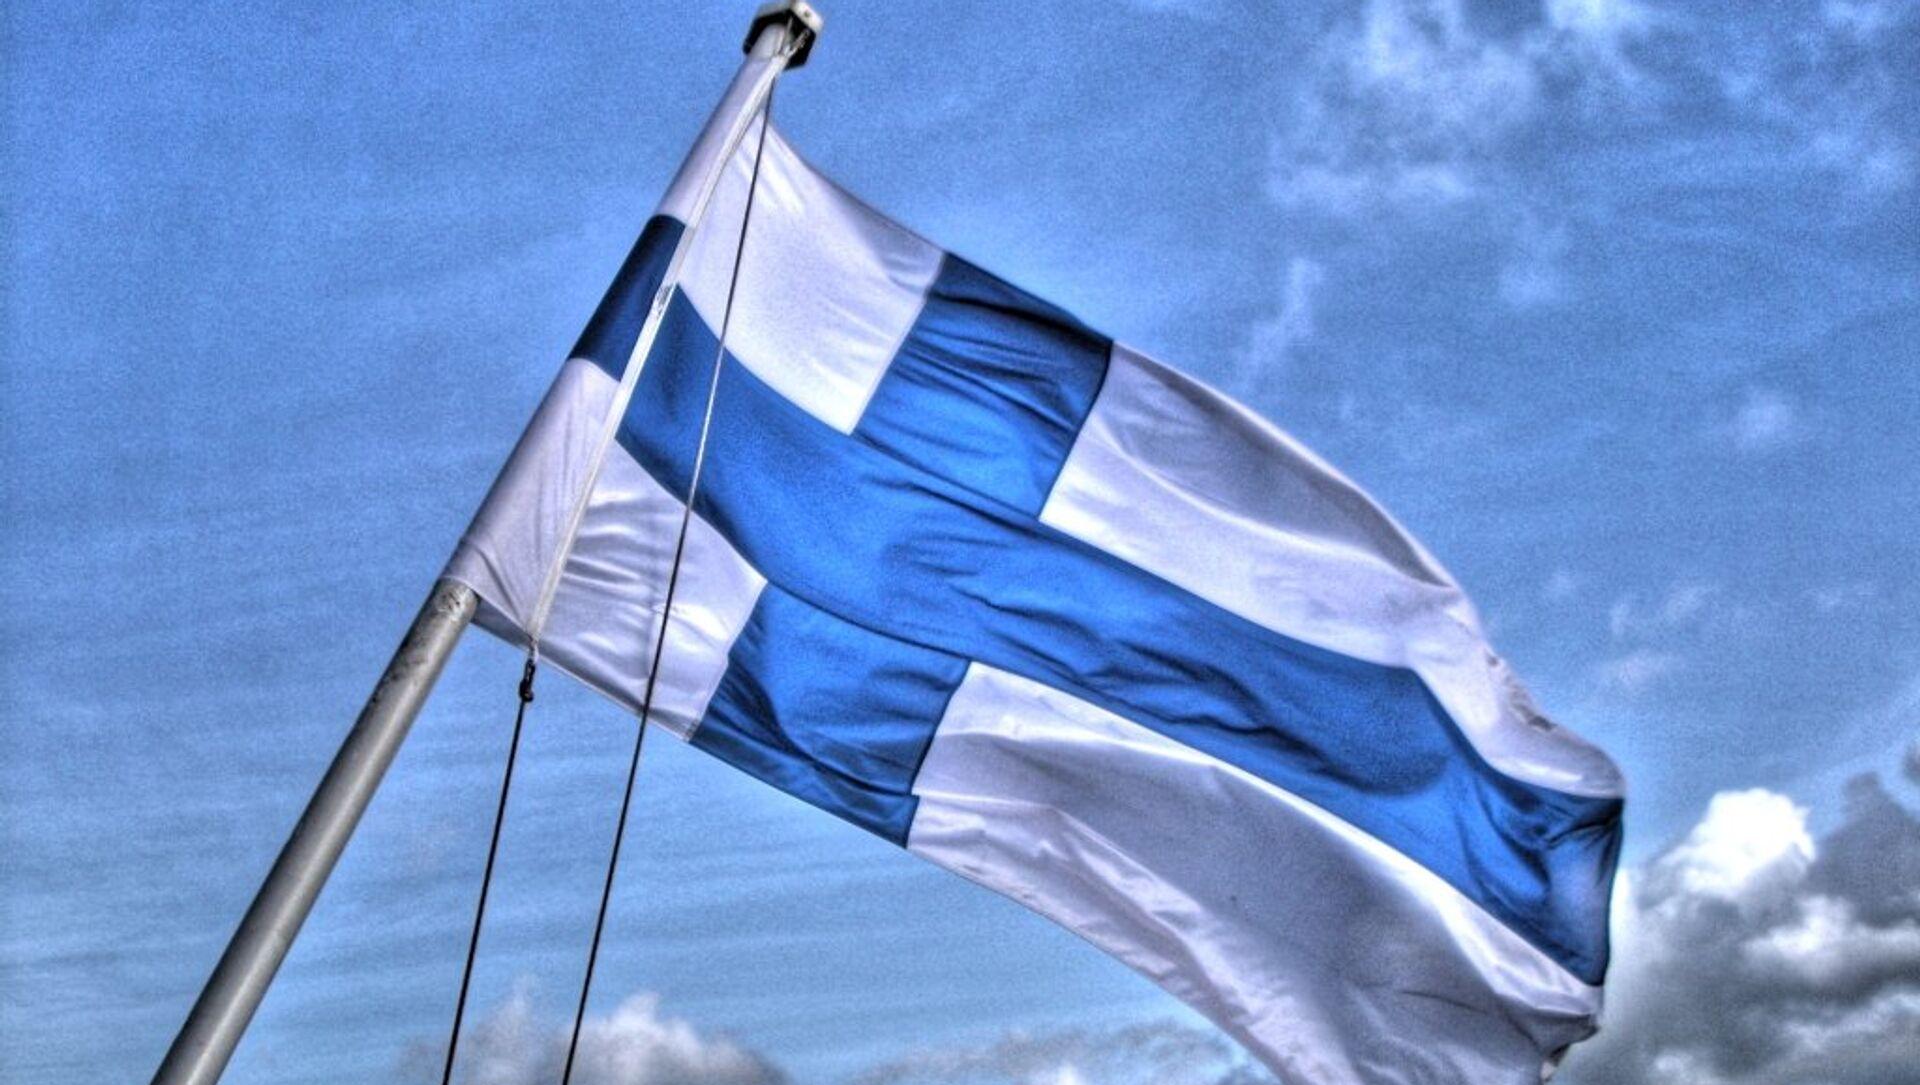 La bandiera finlandese - Sputnik Italia, 1920, 19.03.2021